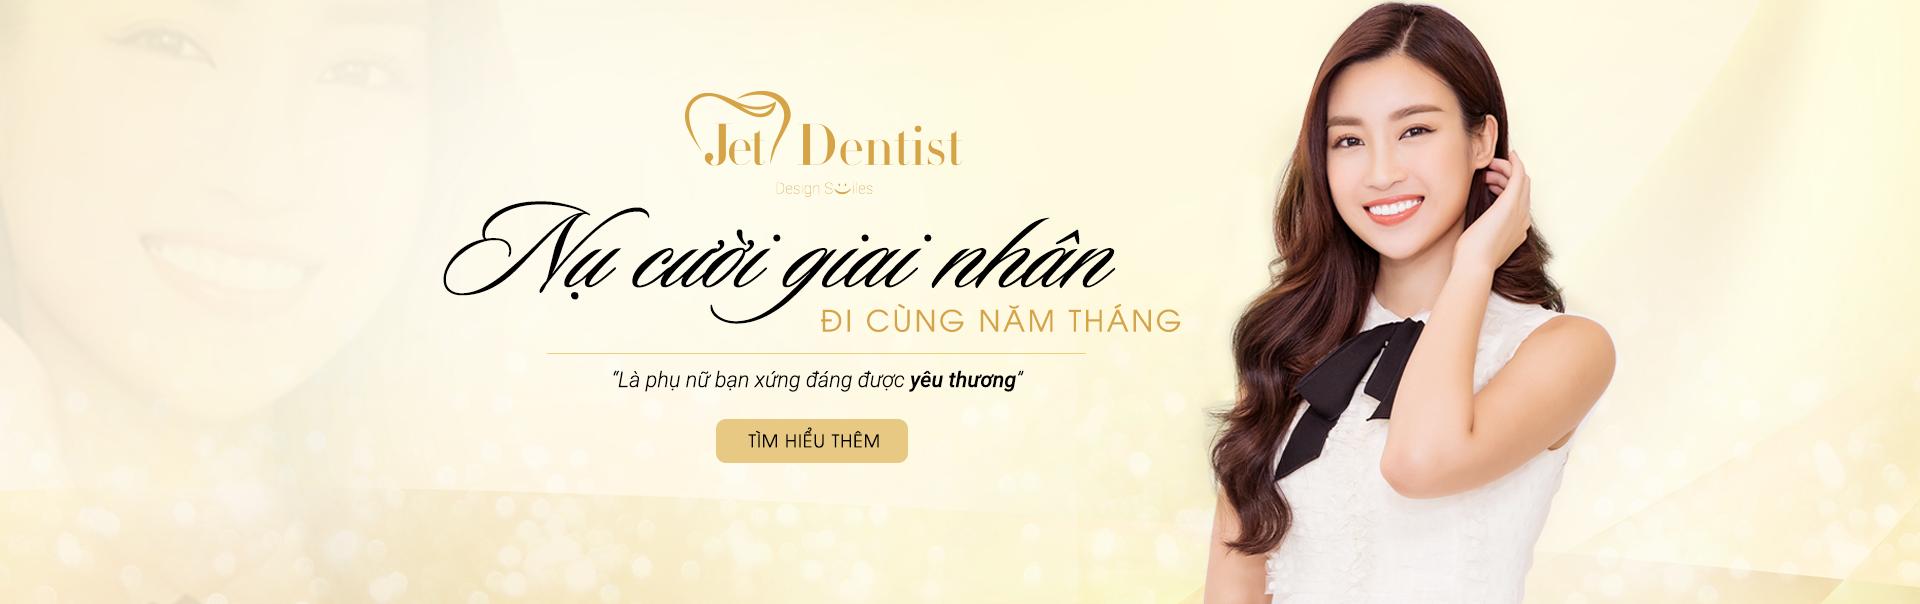 Jet Dentist - Nụ cười giai nhân - đi cùng năm tháng